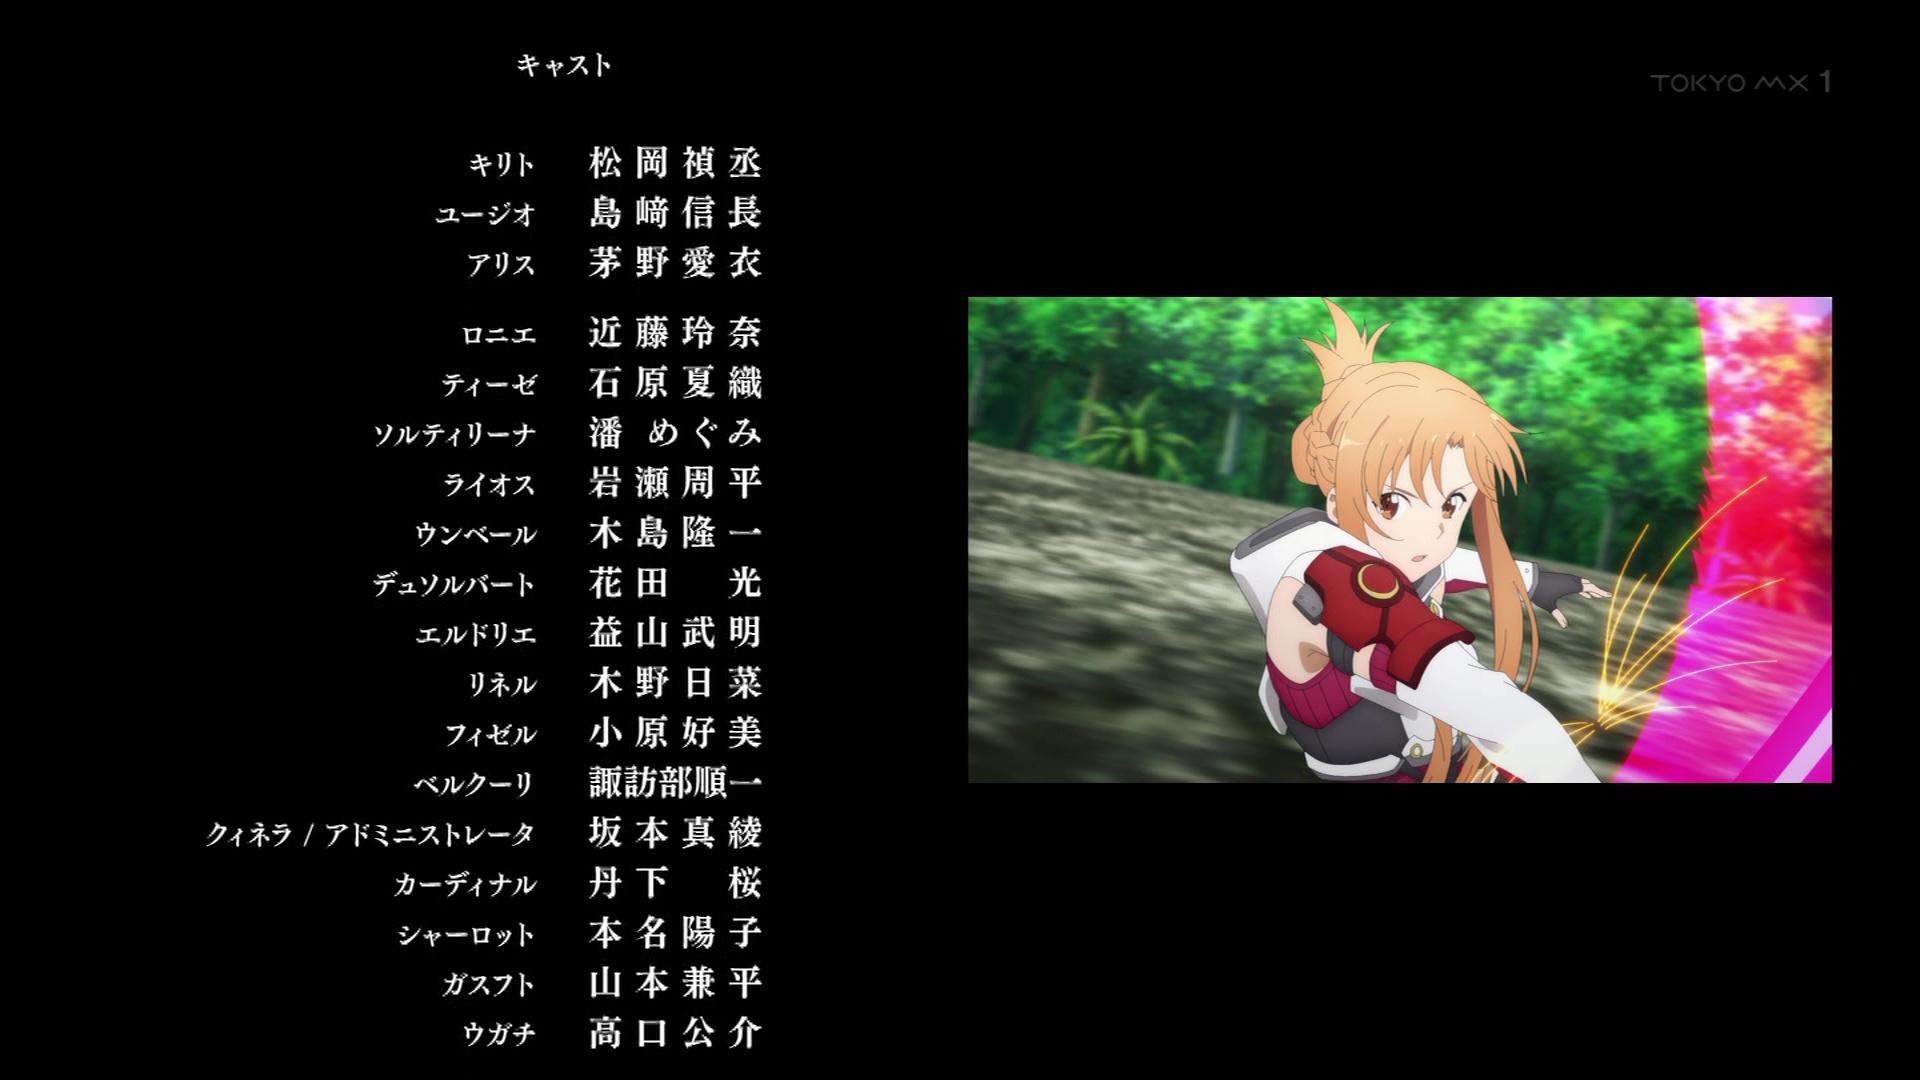 ソードアート・オンライン アリシゼーション 第18.5話「リコレクション」感想 神総集編